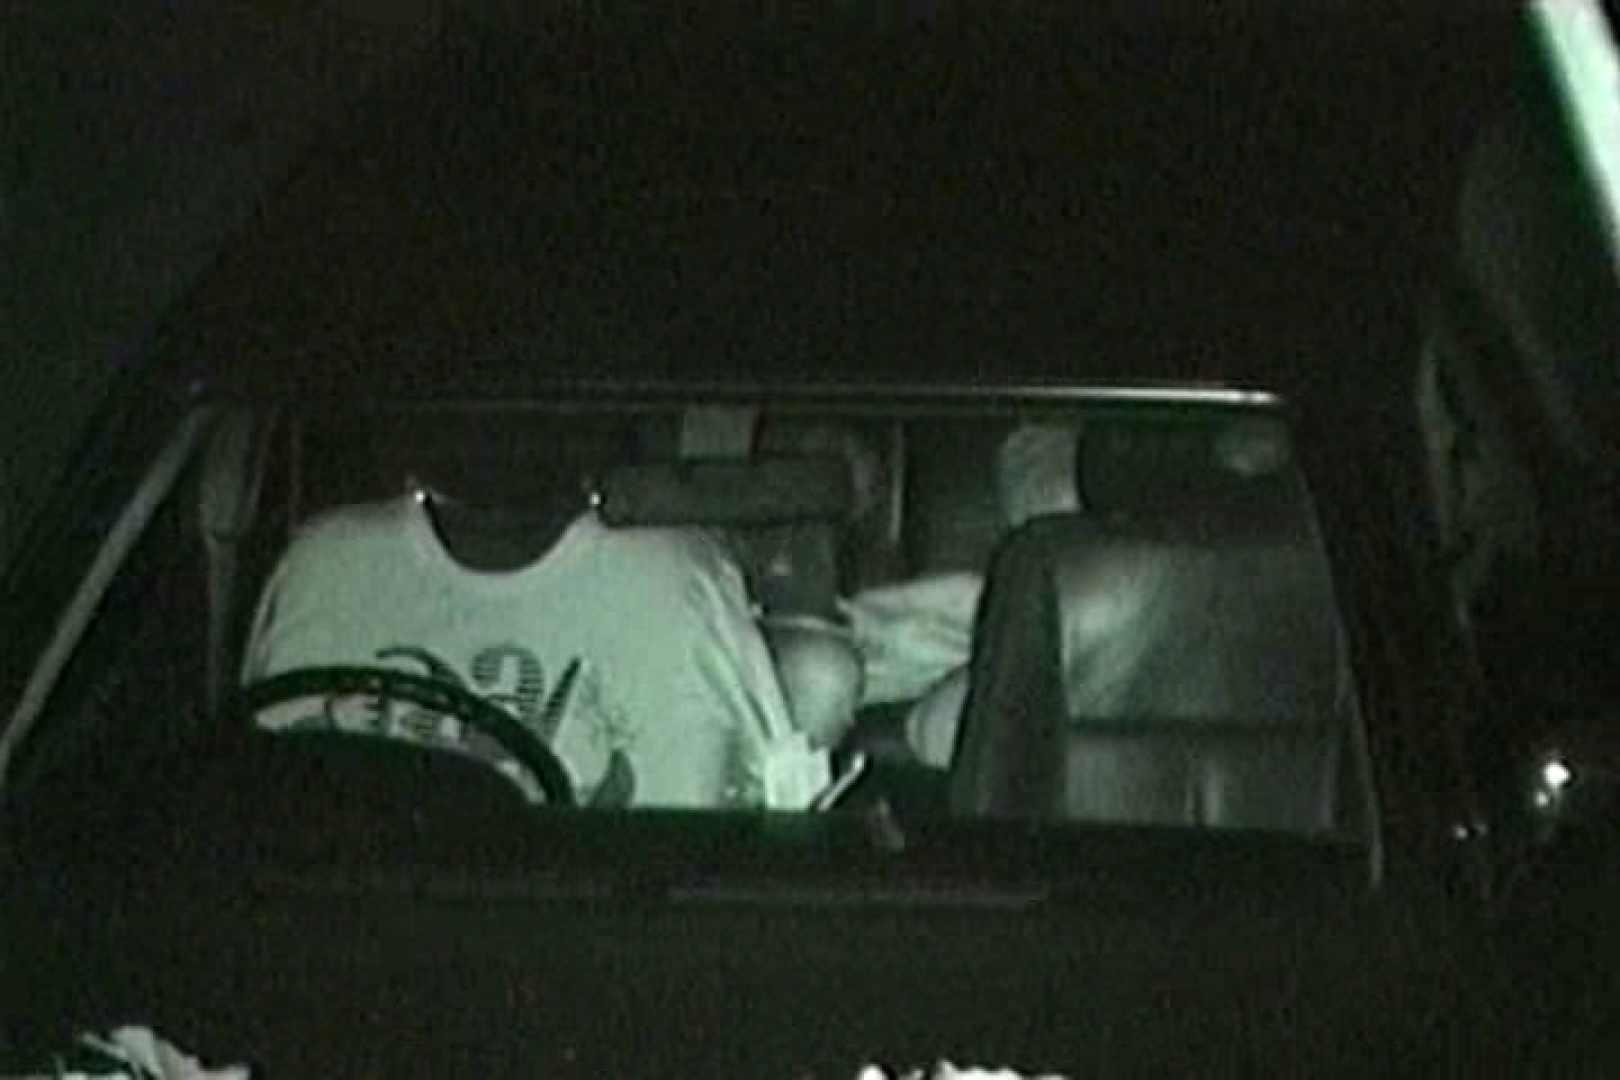 車の中はラブホテル 無修正版  Vol.8 セックス おまんこ無修正動画無料 102PIX 91